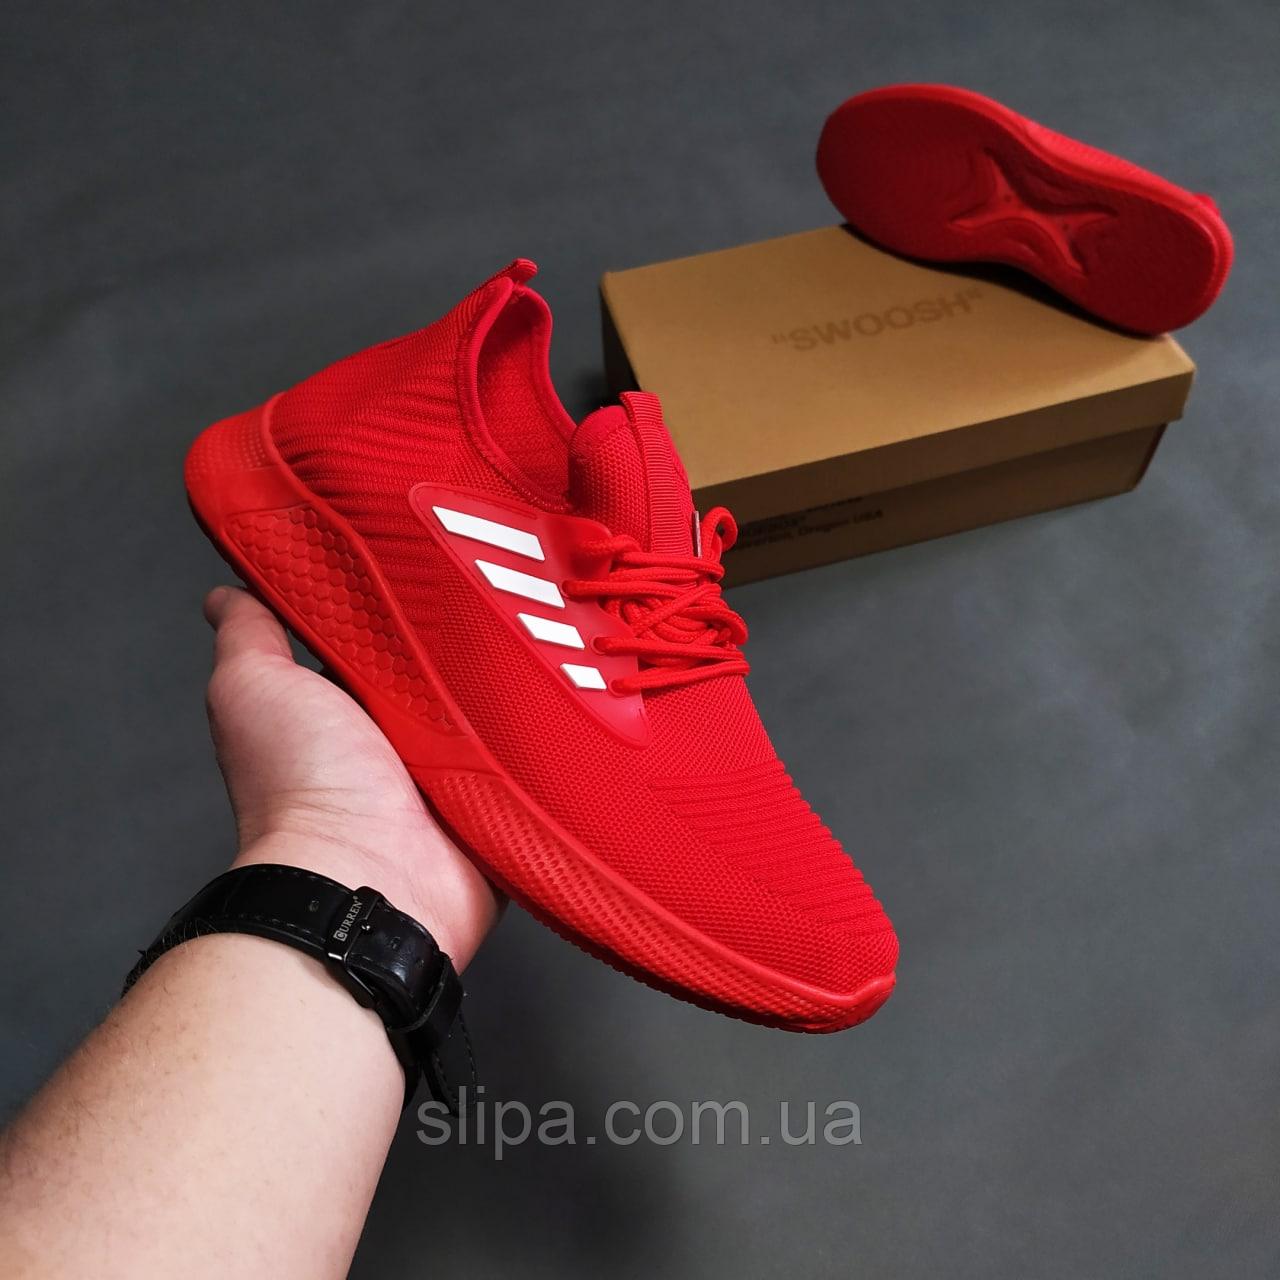 Красные летние текстильные кроссовки мужские